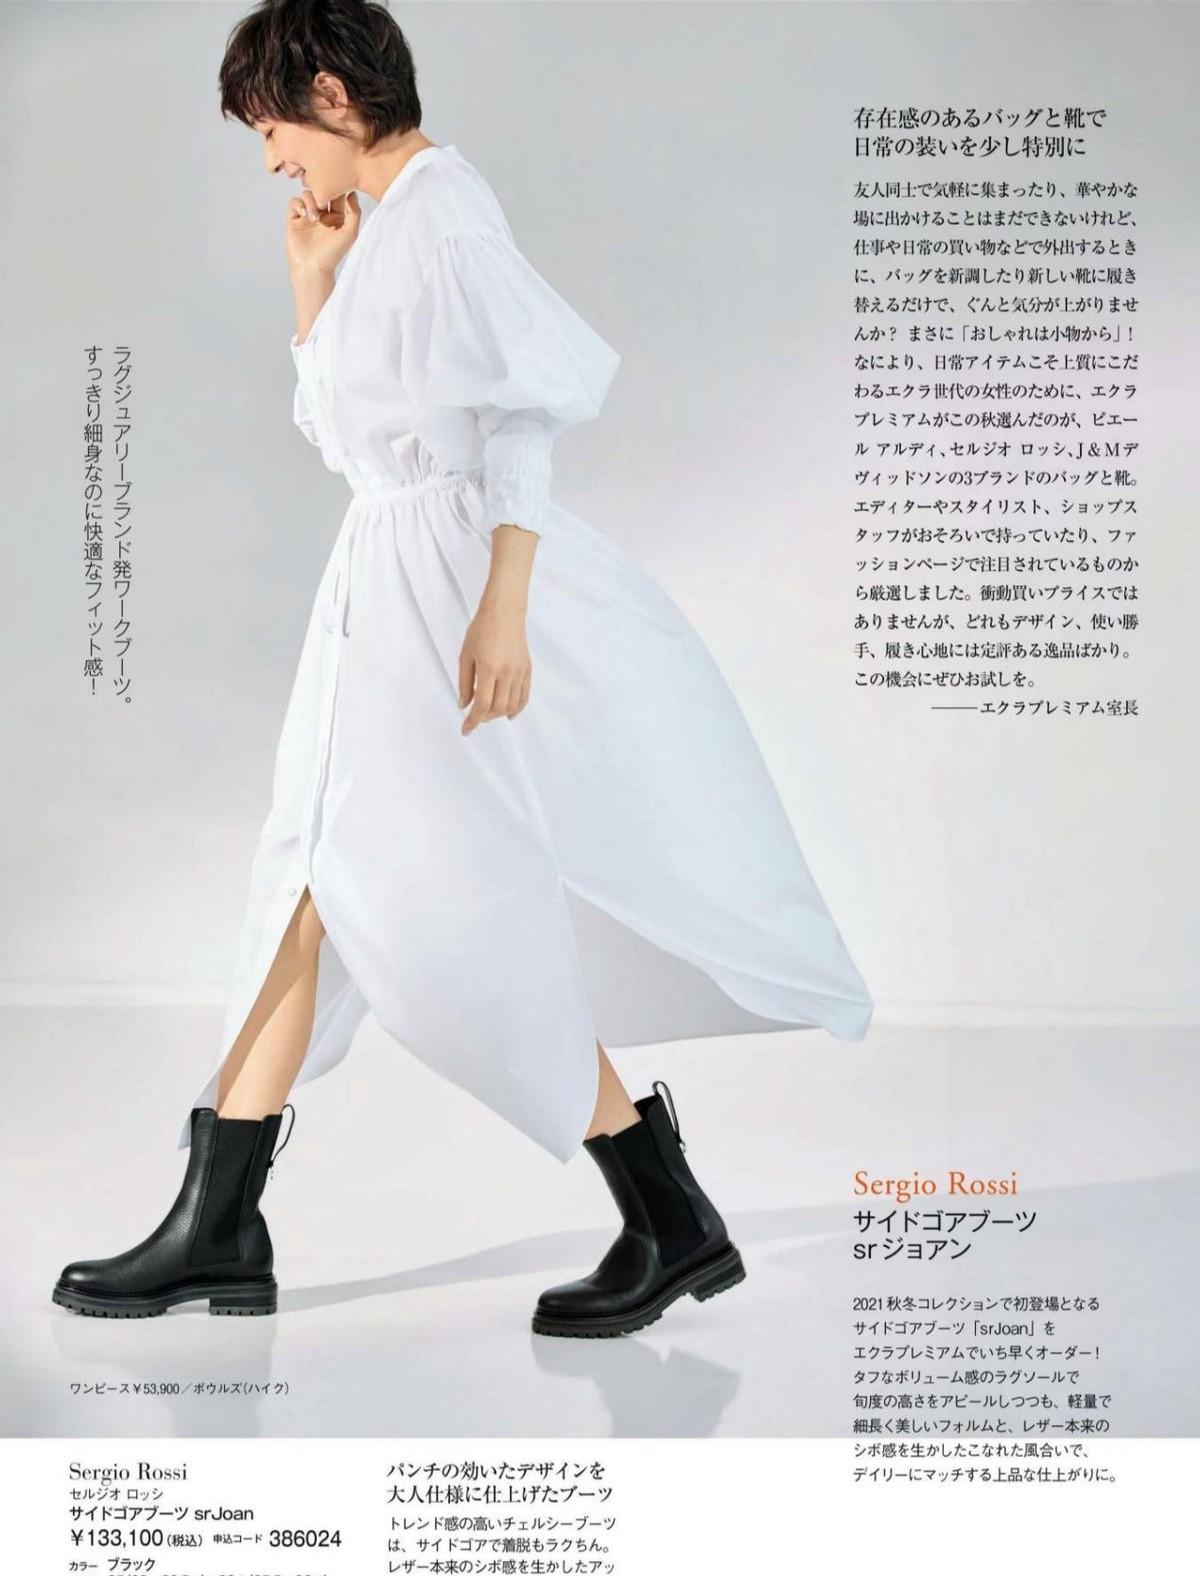 52歲的富岡佳子太會穿,簡約大氣又有高級的穿搭,優雅又有女人味 形象穿搭 第1張